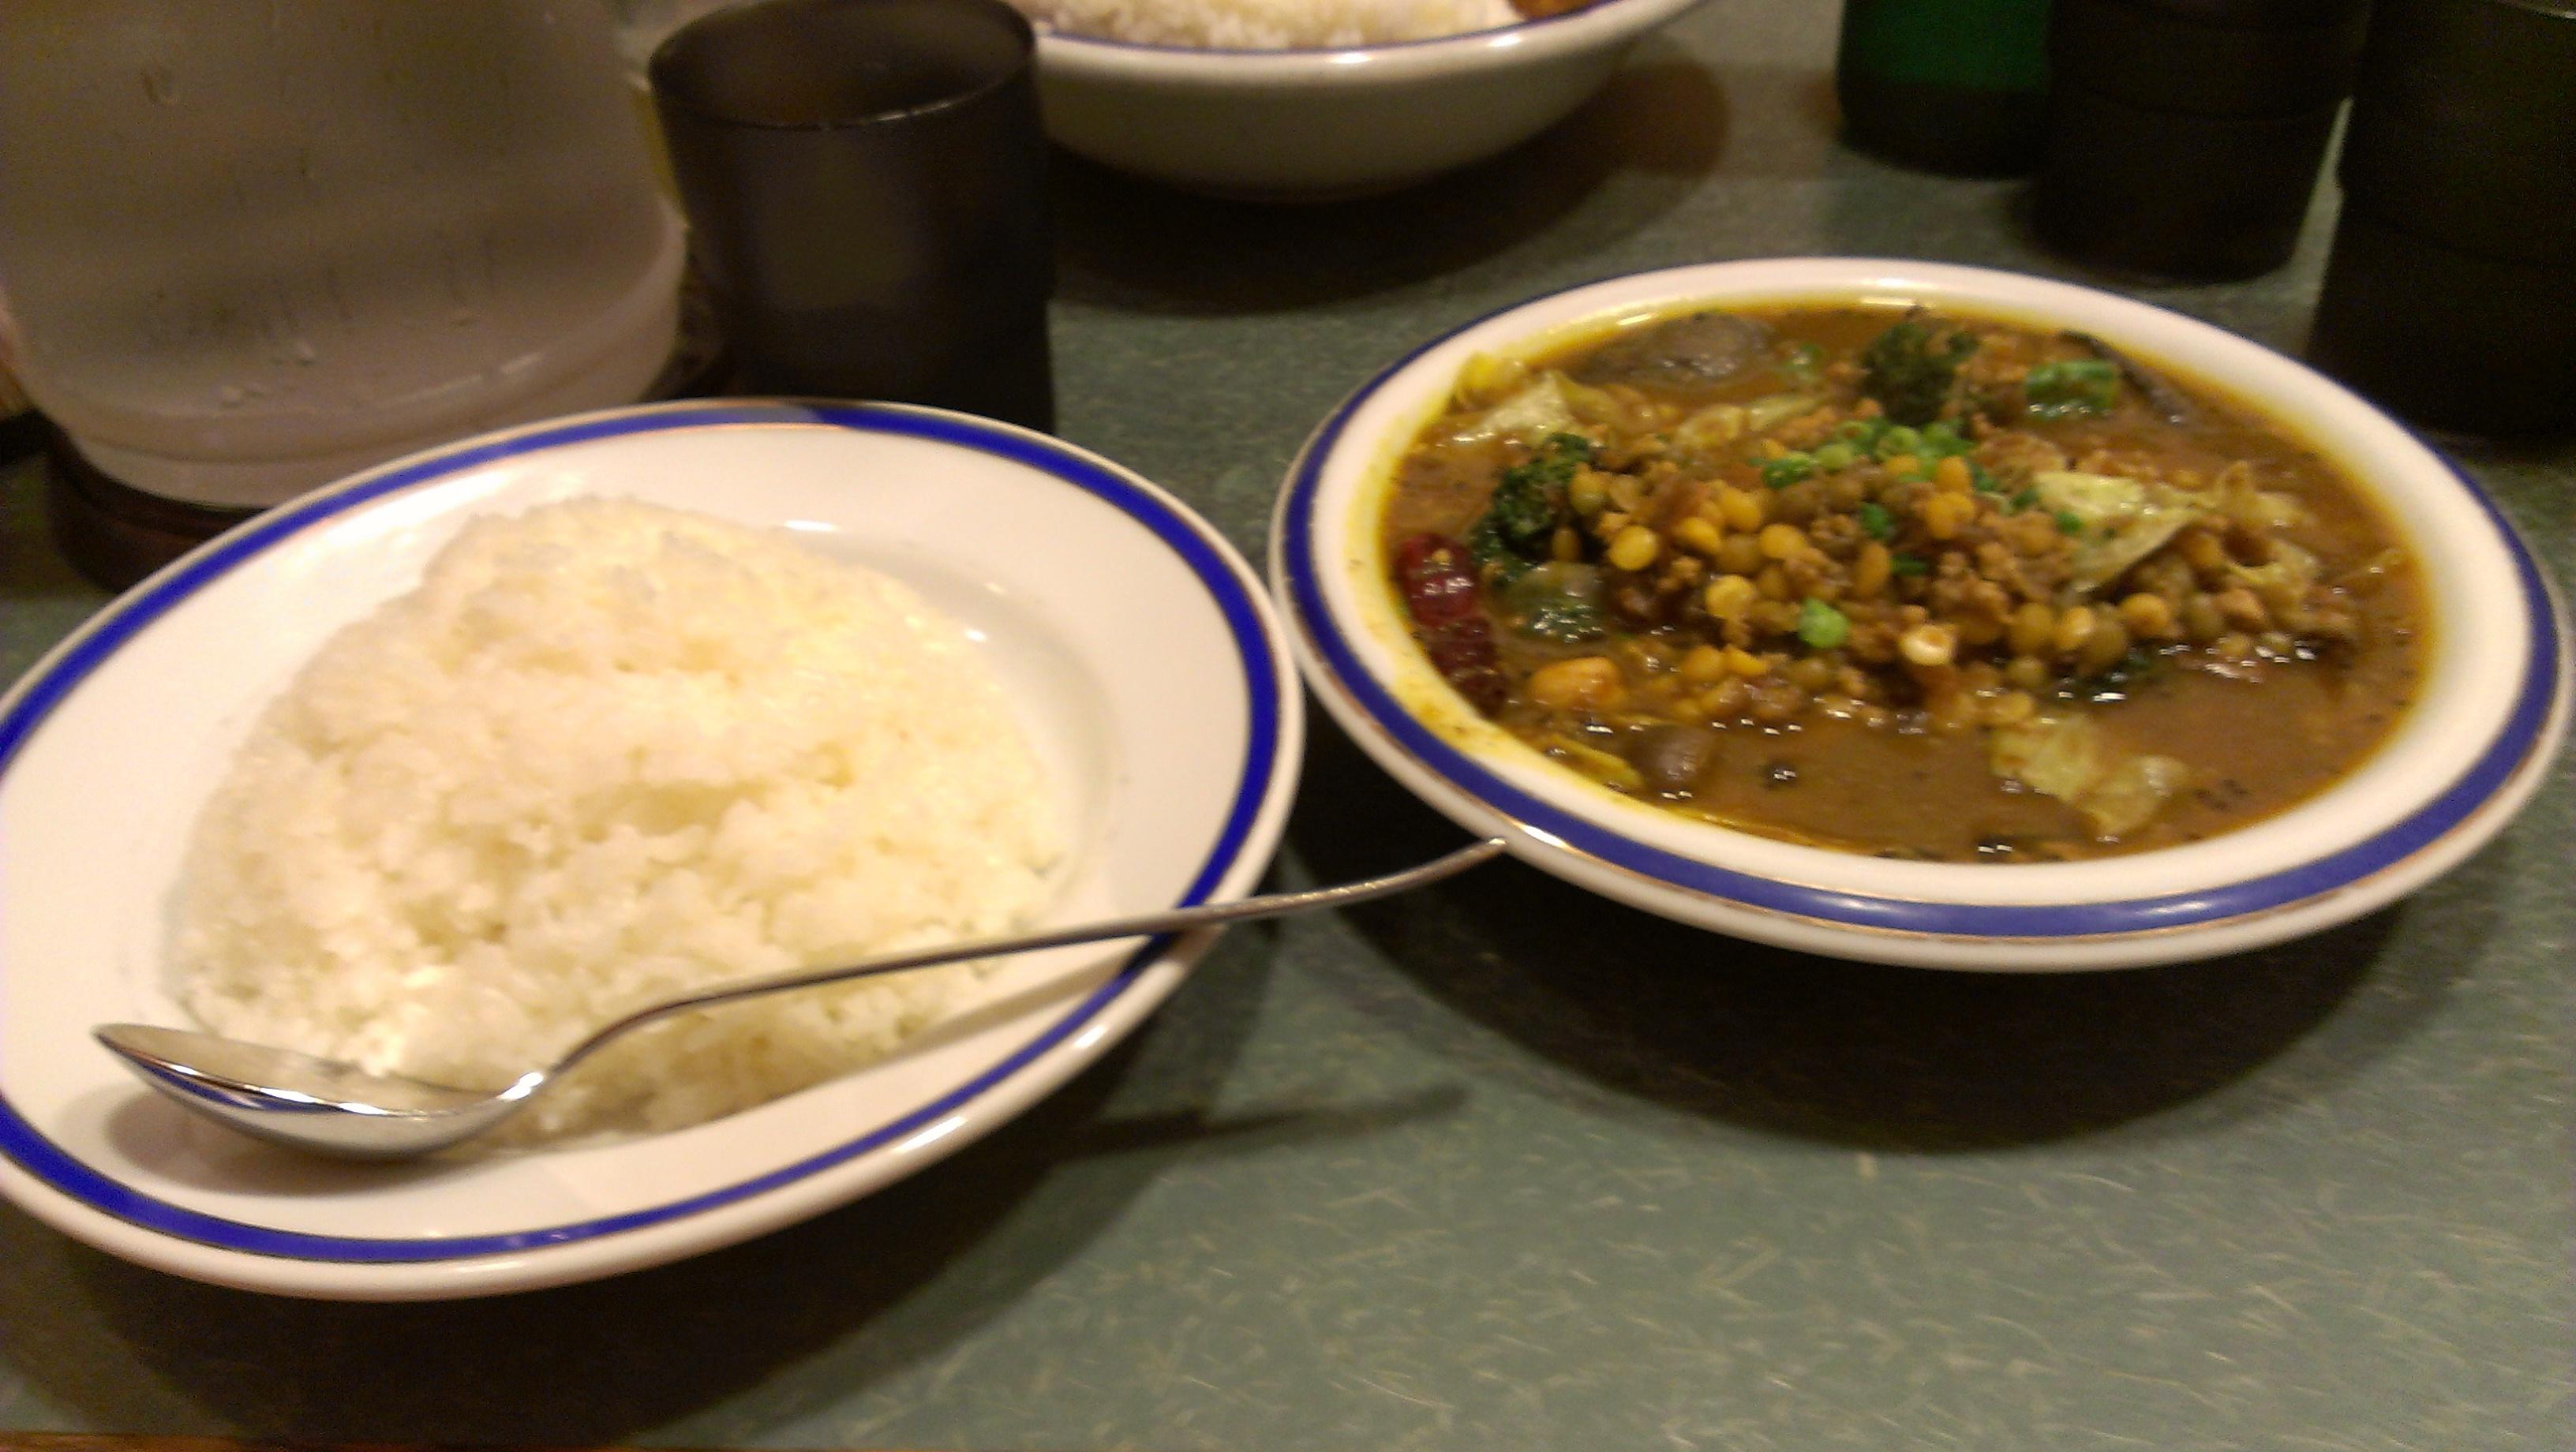 エチオピアのカレーはやっぱり美味かった